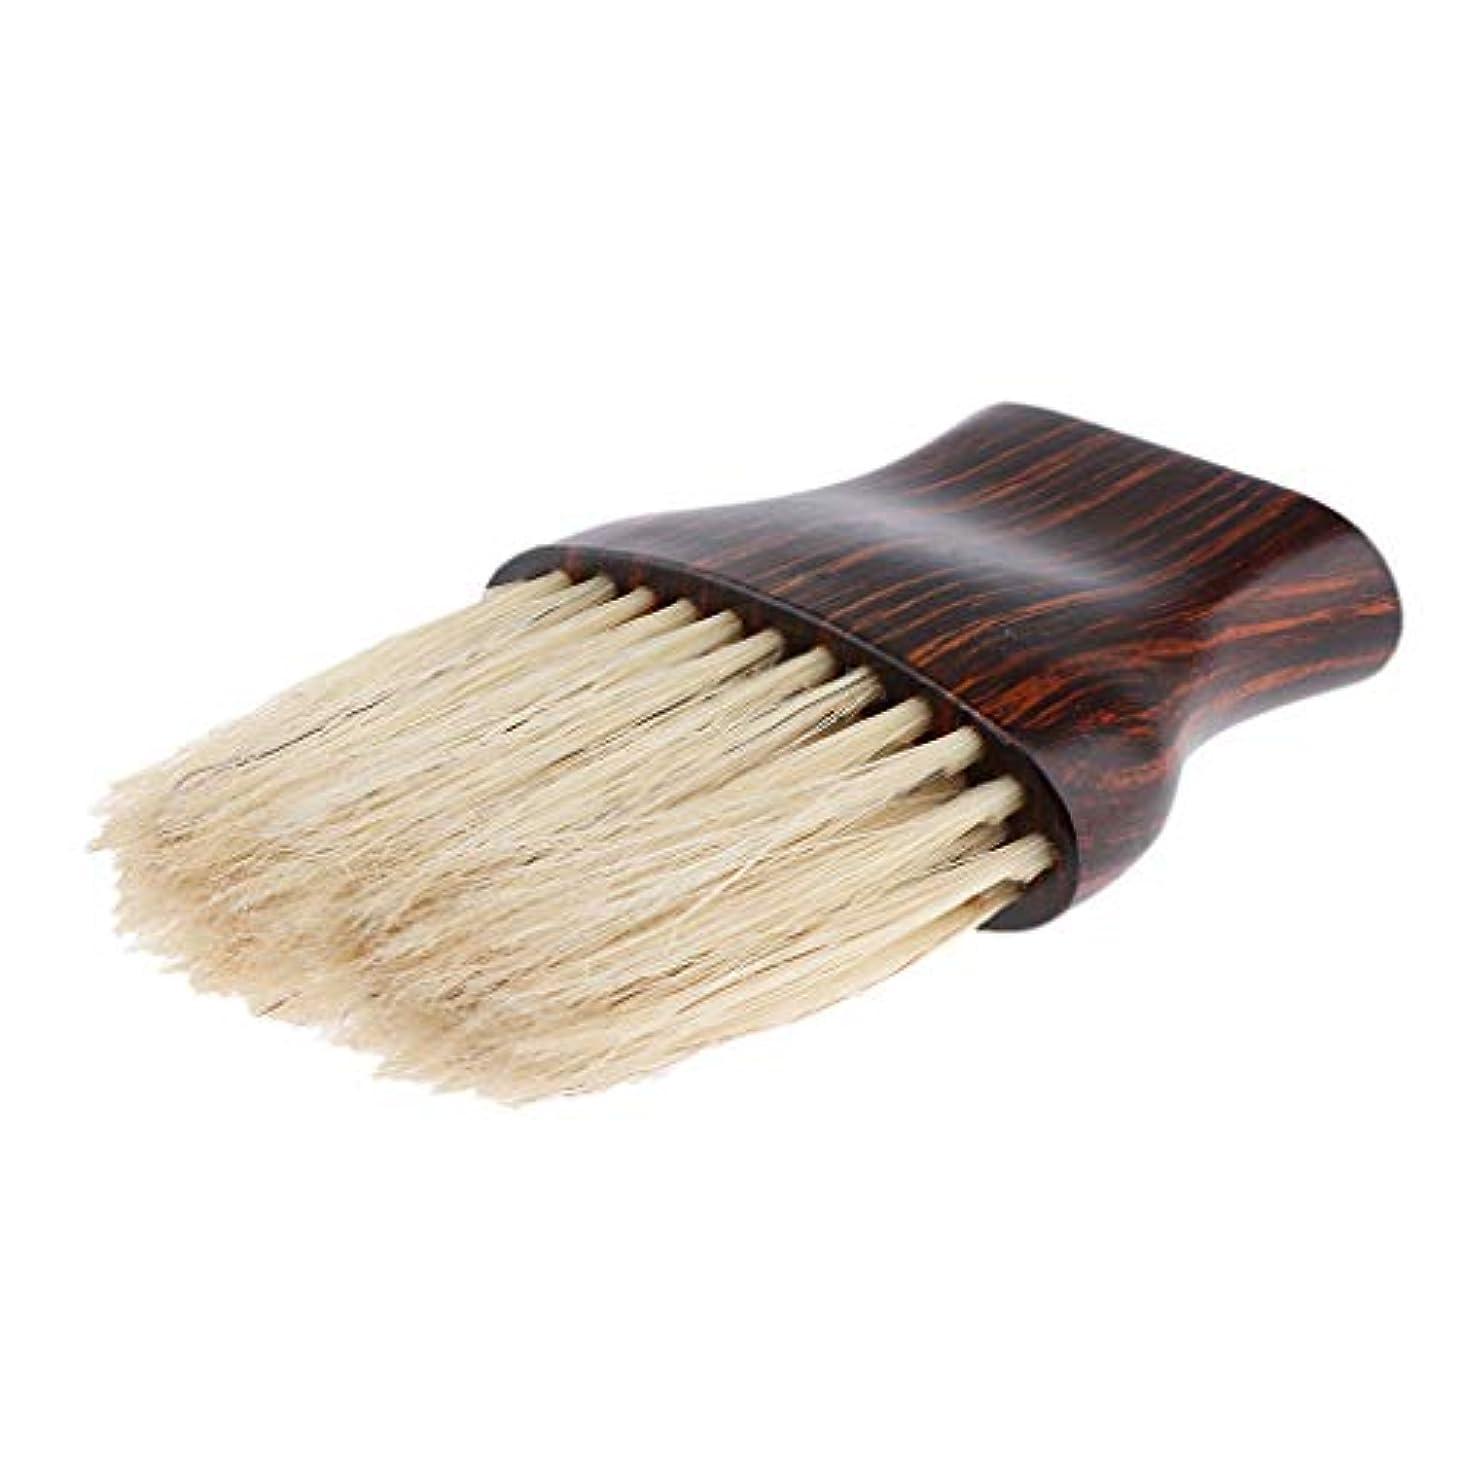 あえぎ甘い飛躍Toygogo ネックダスターブラシ ヘアカットブラシ クリーニング ブラシ 毛払いブラシ 散髪 髪切り